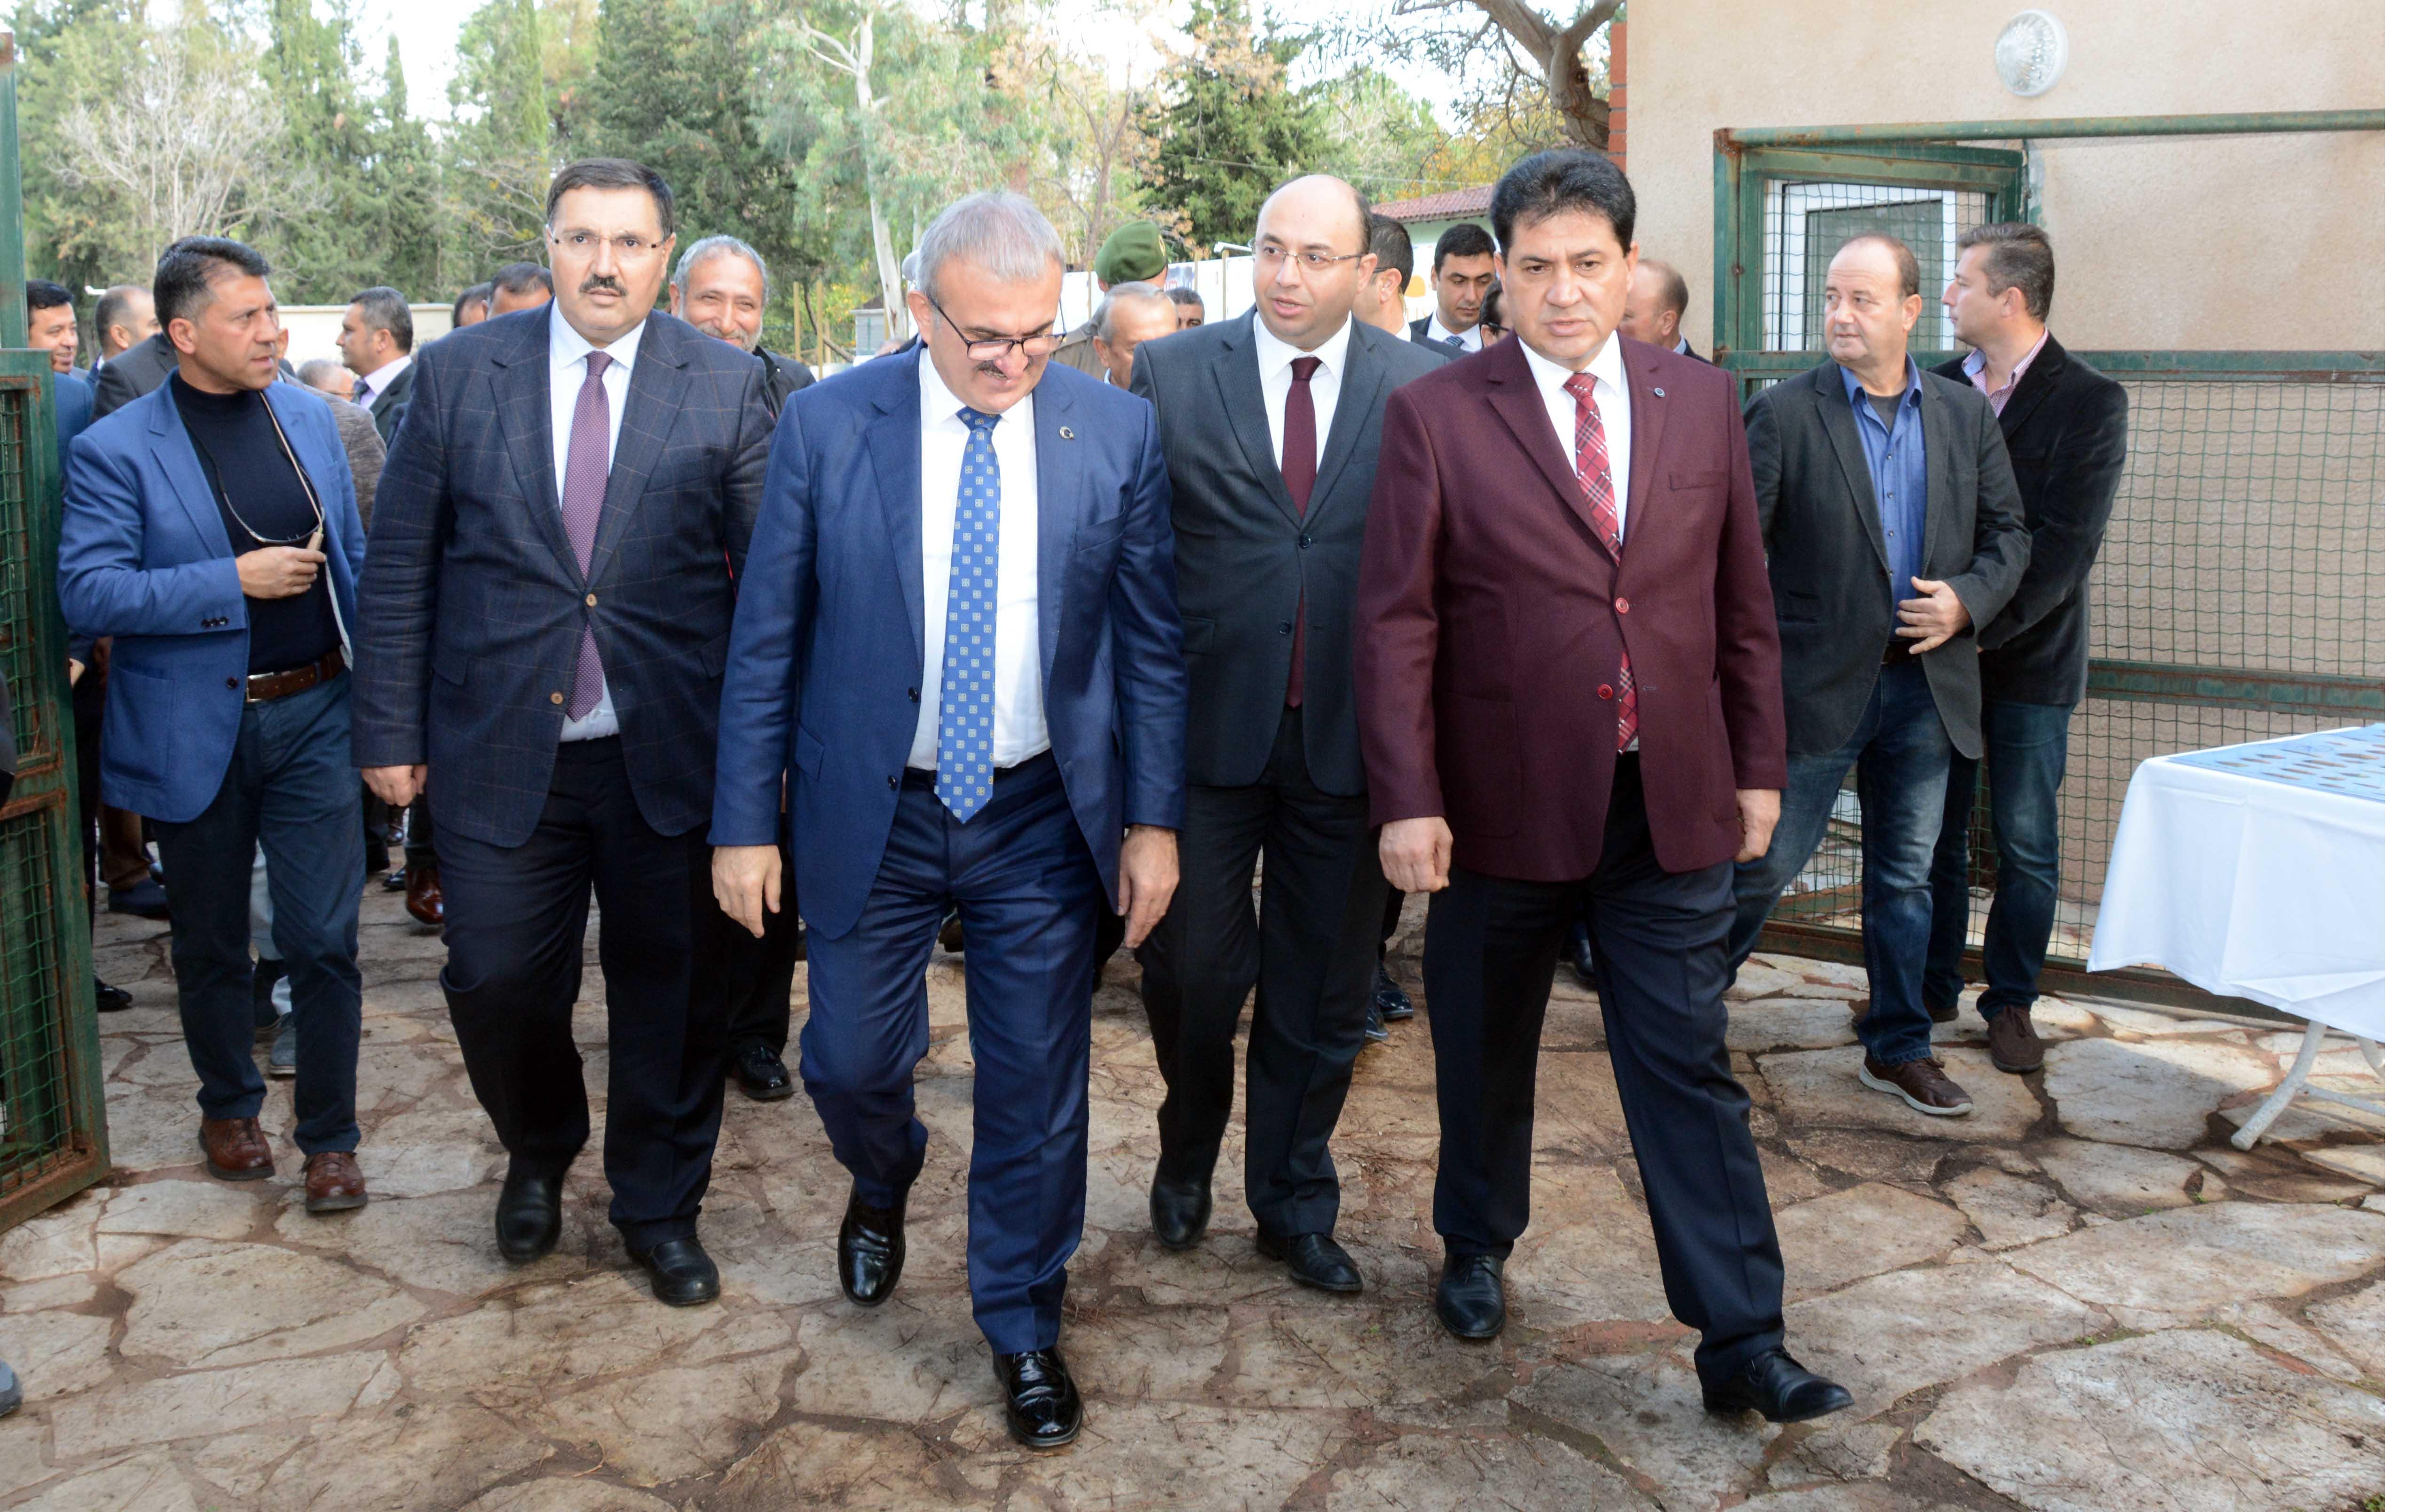 Başkan Gül'den Vali Karaloğlu'na 'Idyros' teşekkürü